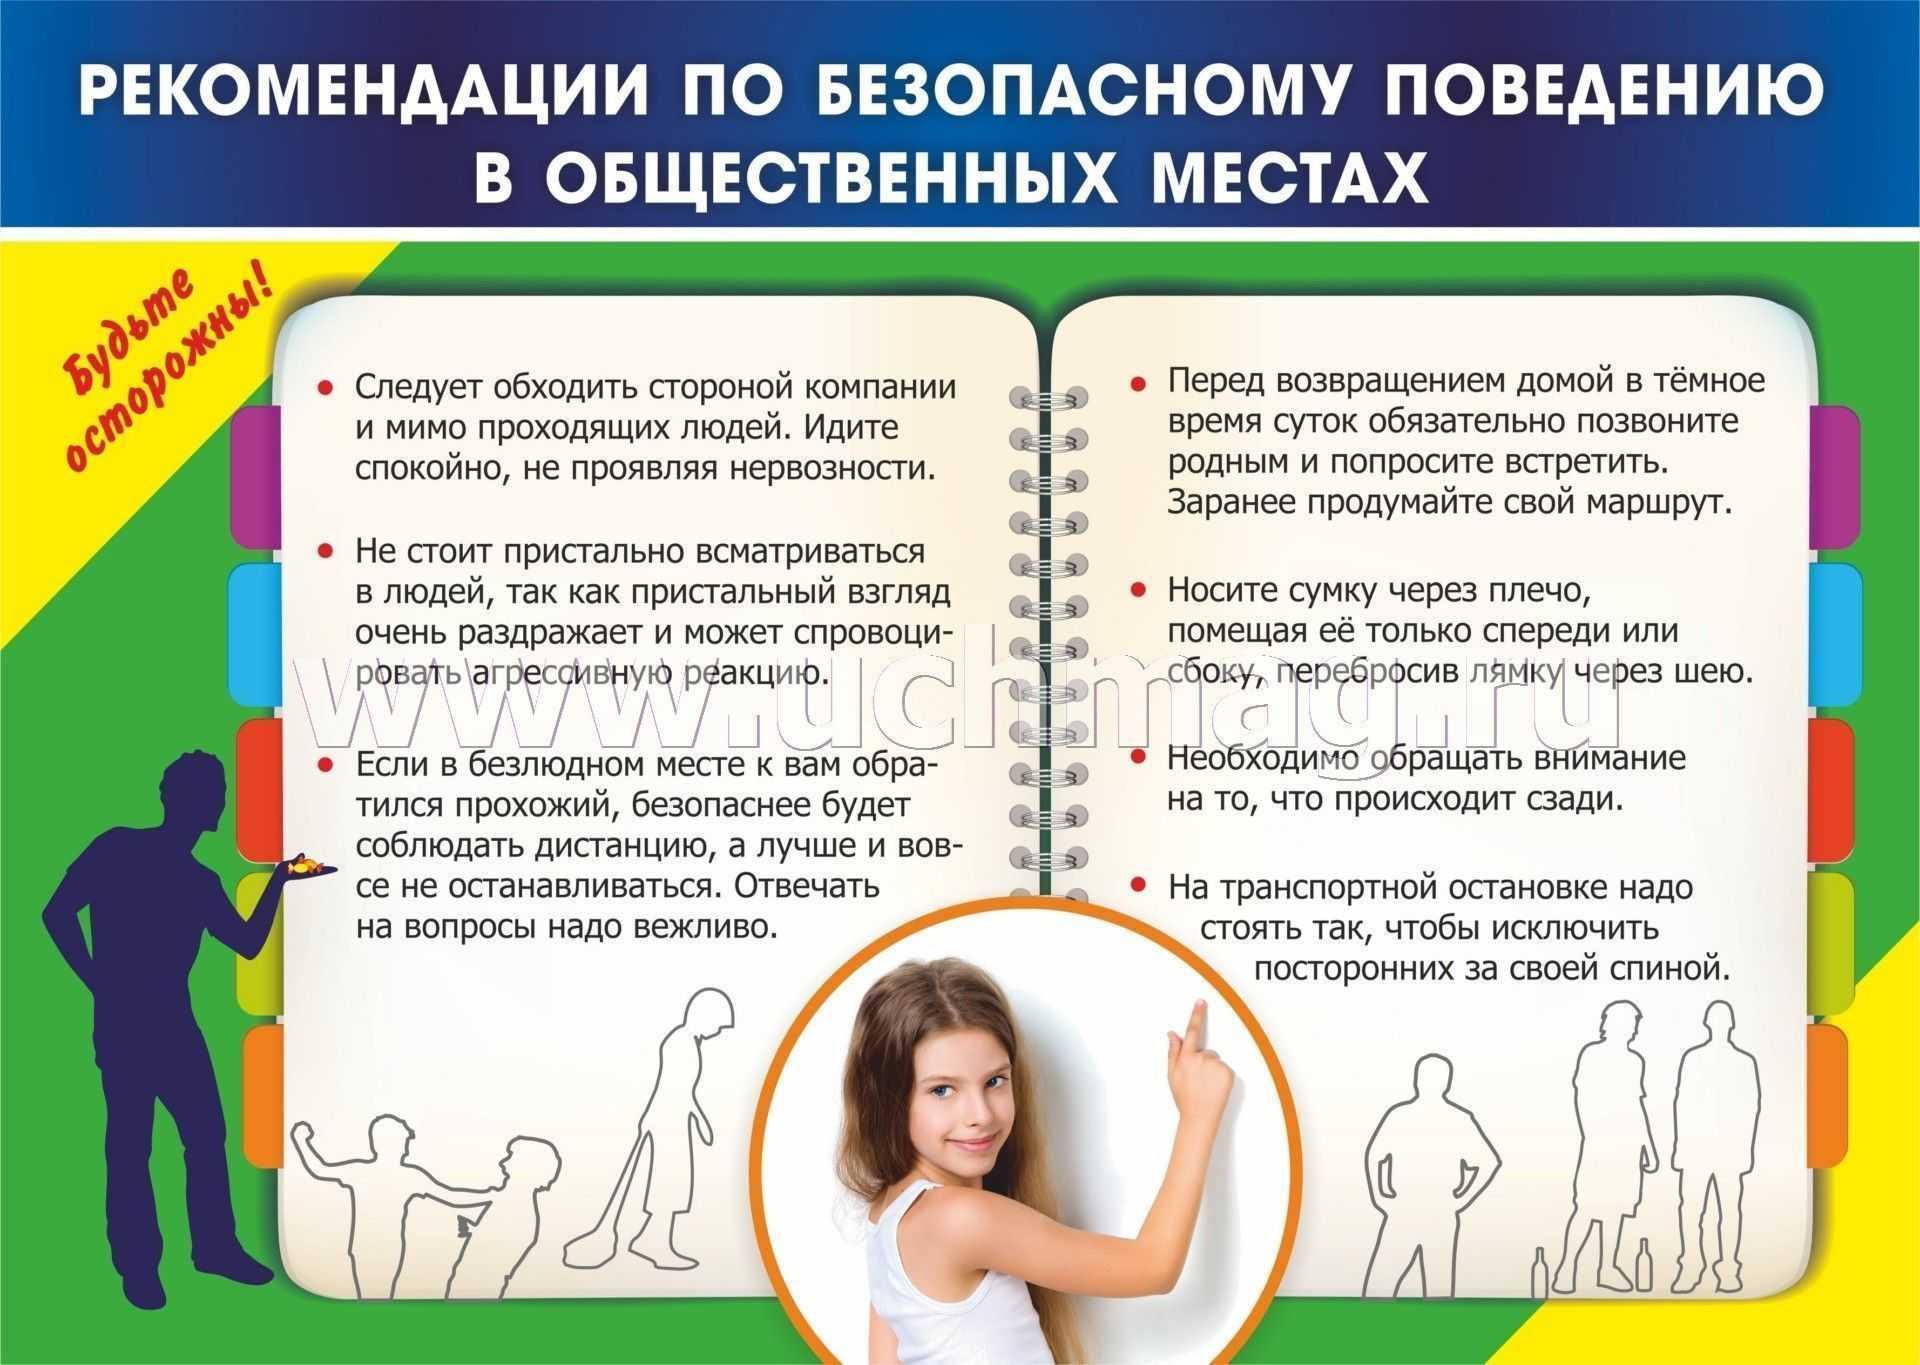 Правила поведения в общественных местах для школьников